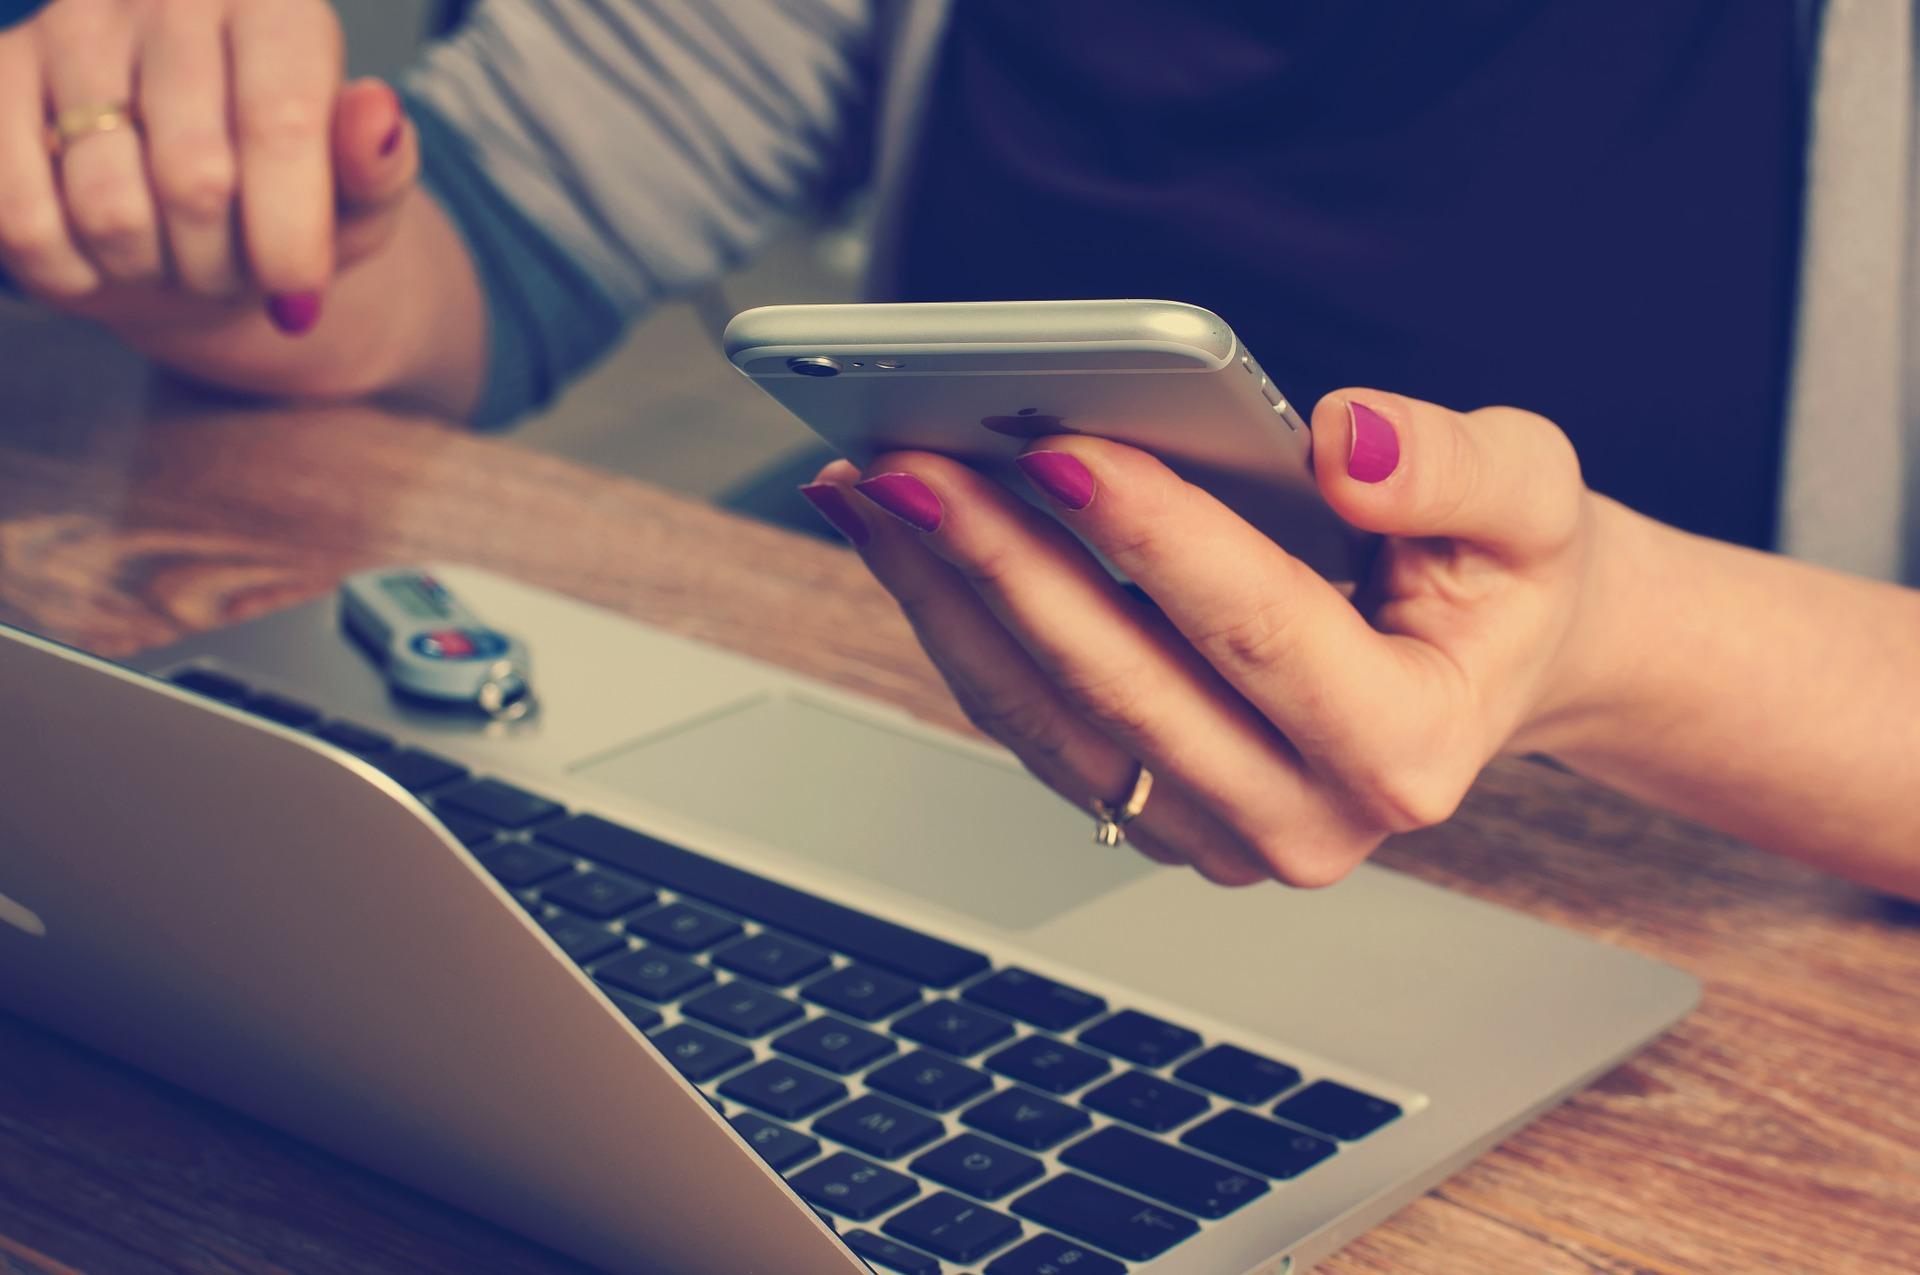 Frau arbeitet mit Smartphone und Laptop